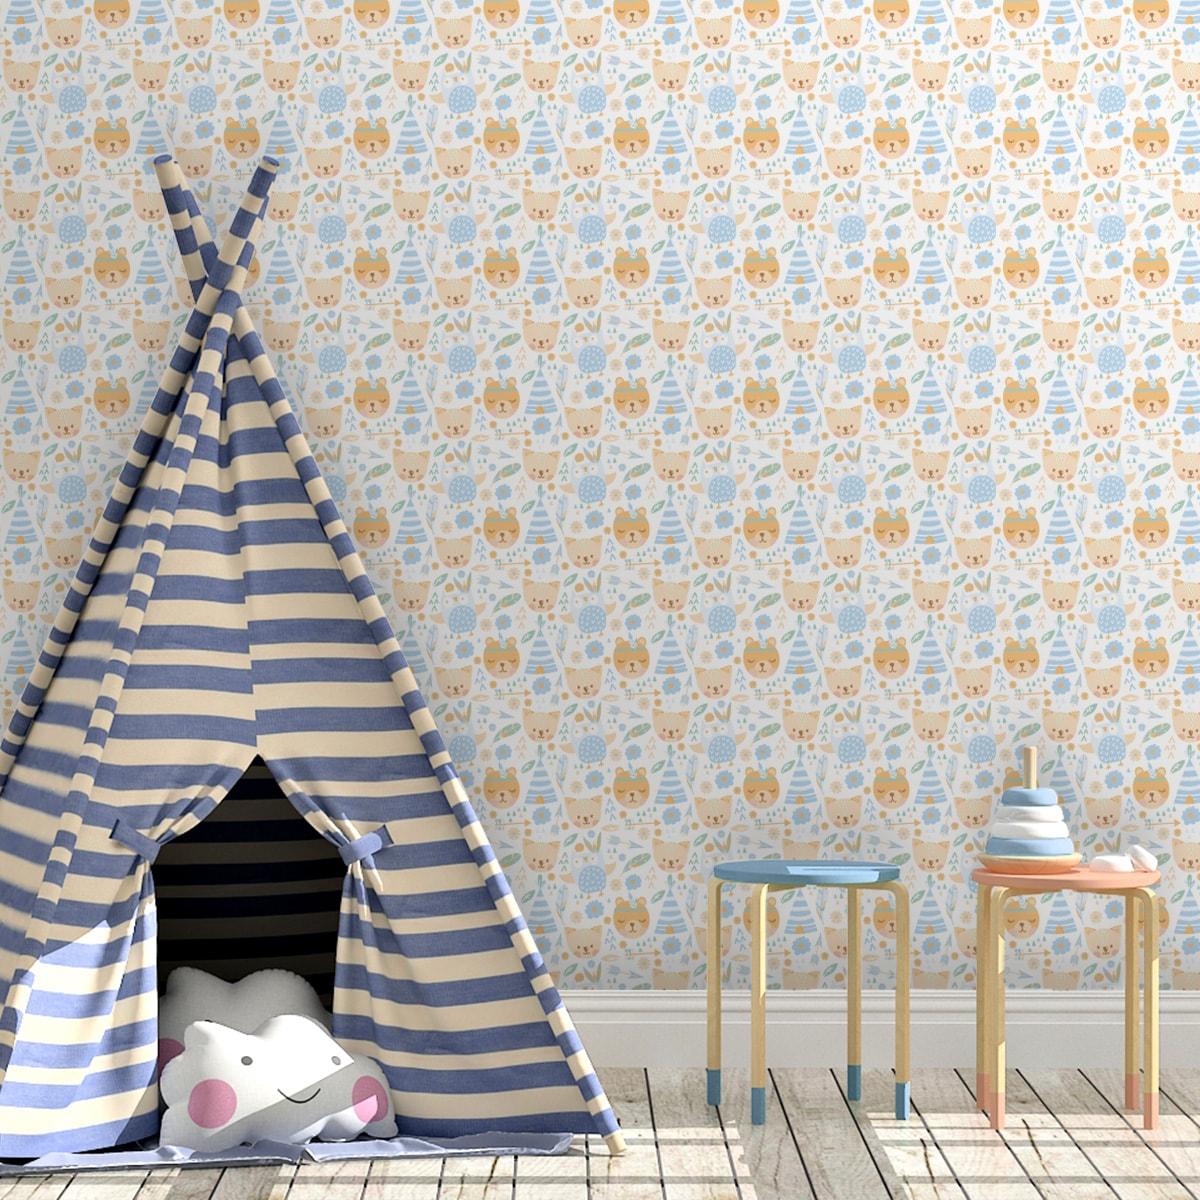 """Kindertapete mittelblau: Hellblaue Abenteuer Kinderzimmer Tapete """"Wildwest Tiere"""", hellblaue Vlies Kindertapete für Babyzimmer"""